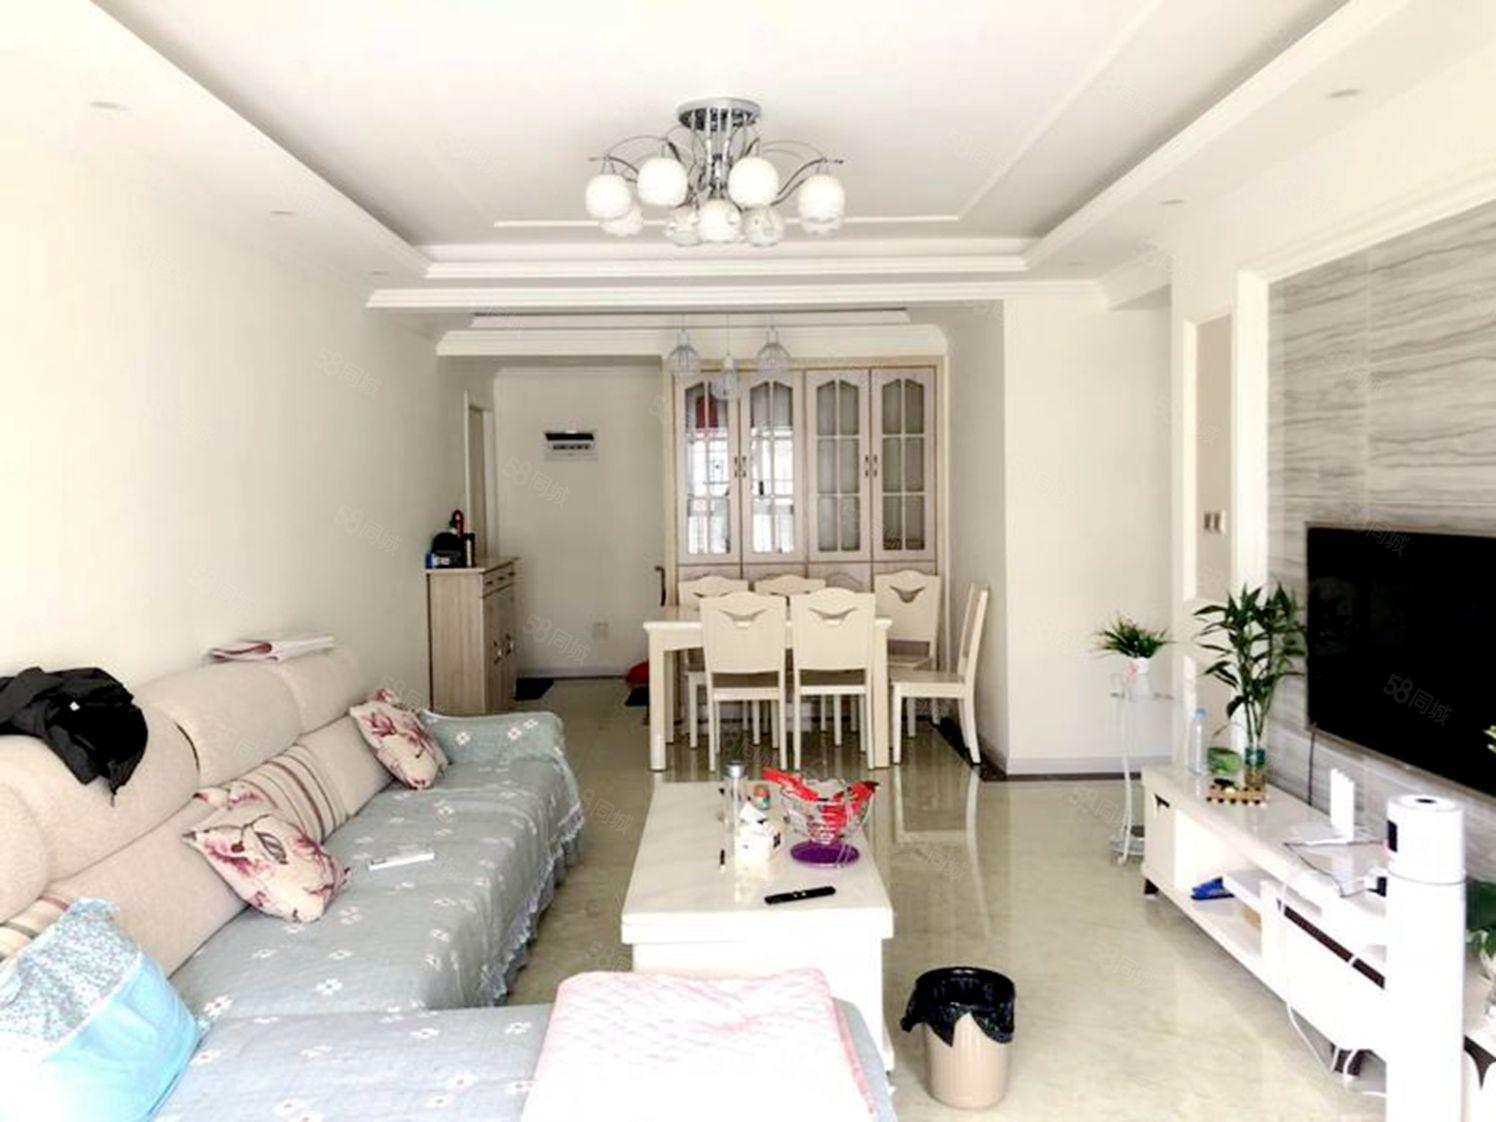 紫荆城震后电梯中层住家装修视野开阔采光透亮可按揭贷款